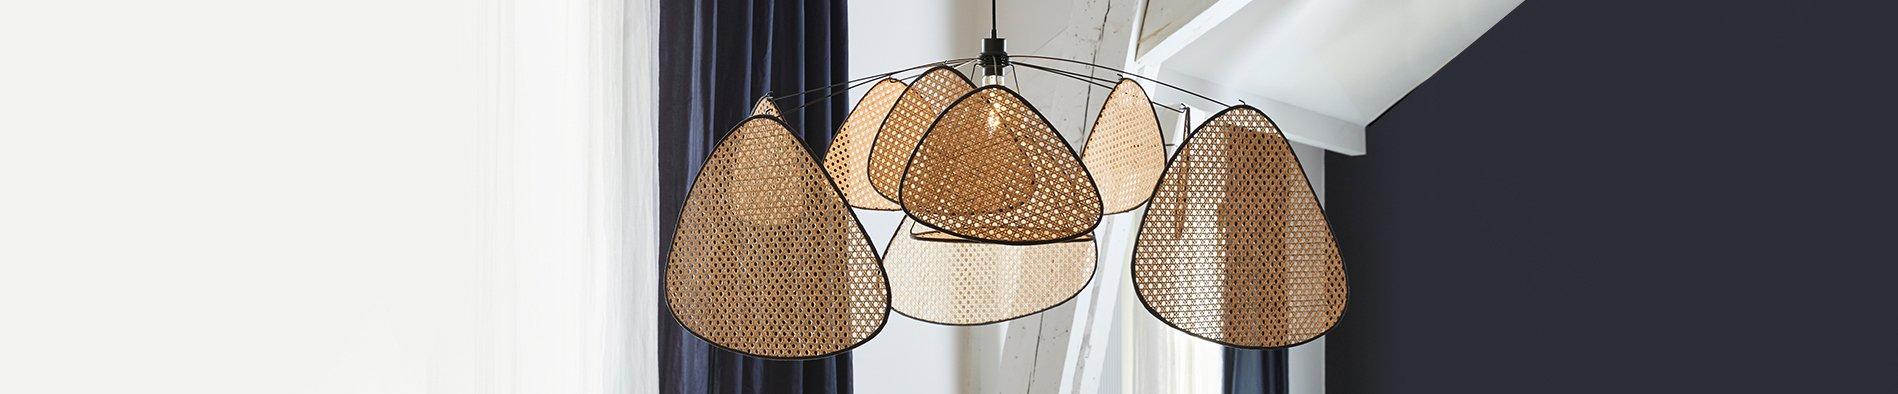 Market Set hanglampen